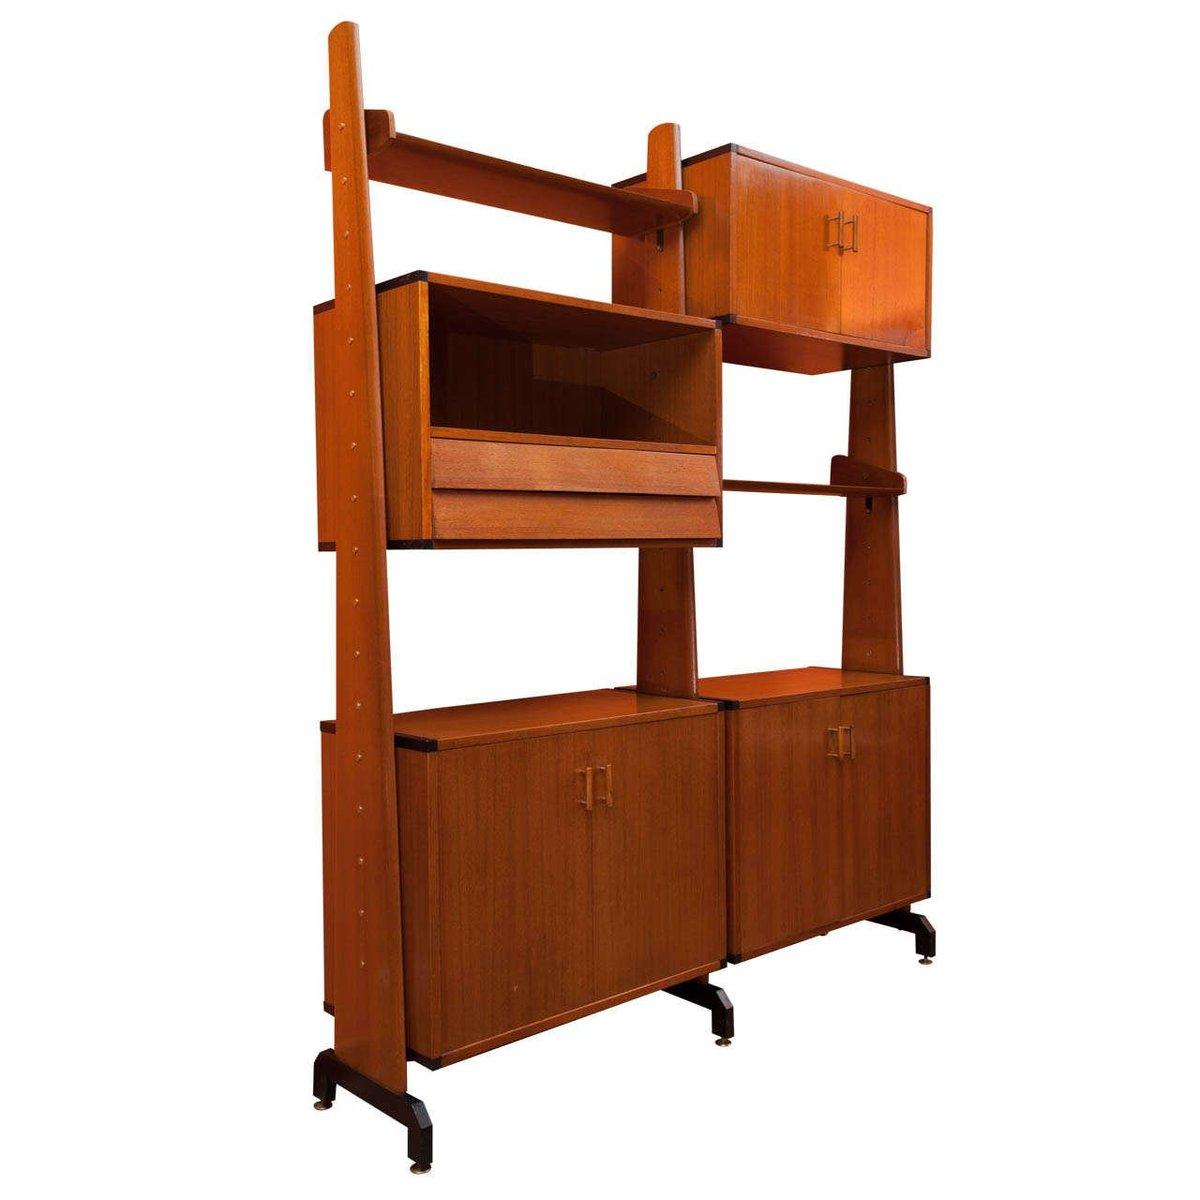 verstellbares italienisches regalsystem aus holz 1960er bei pamono kaufen. Black Bedroom Furniture Sets. Home Design Ideas